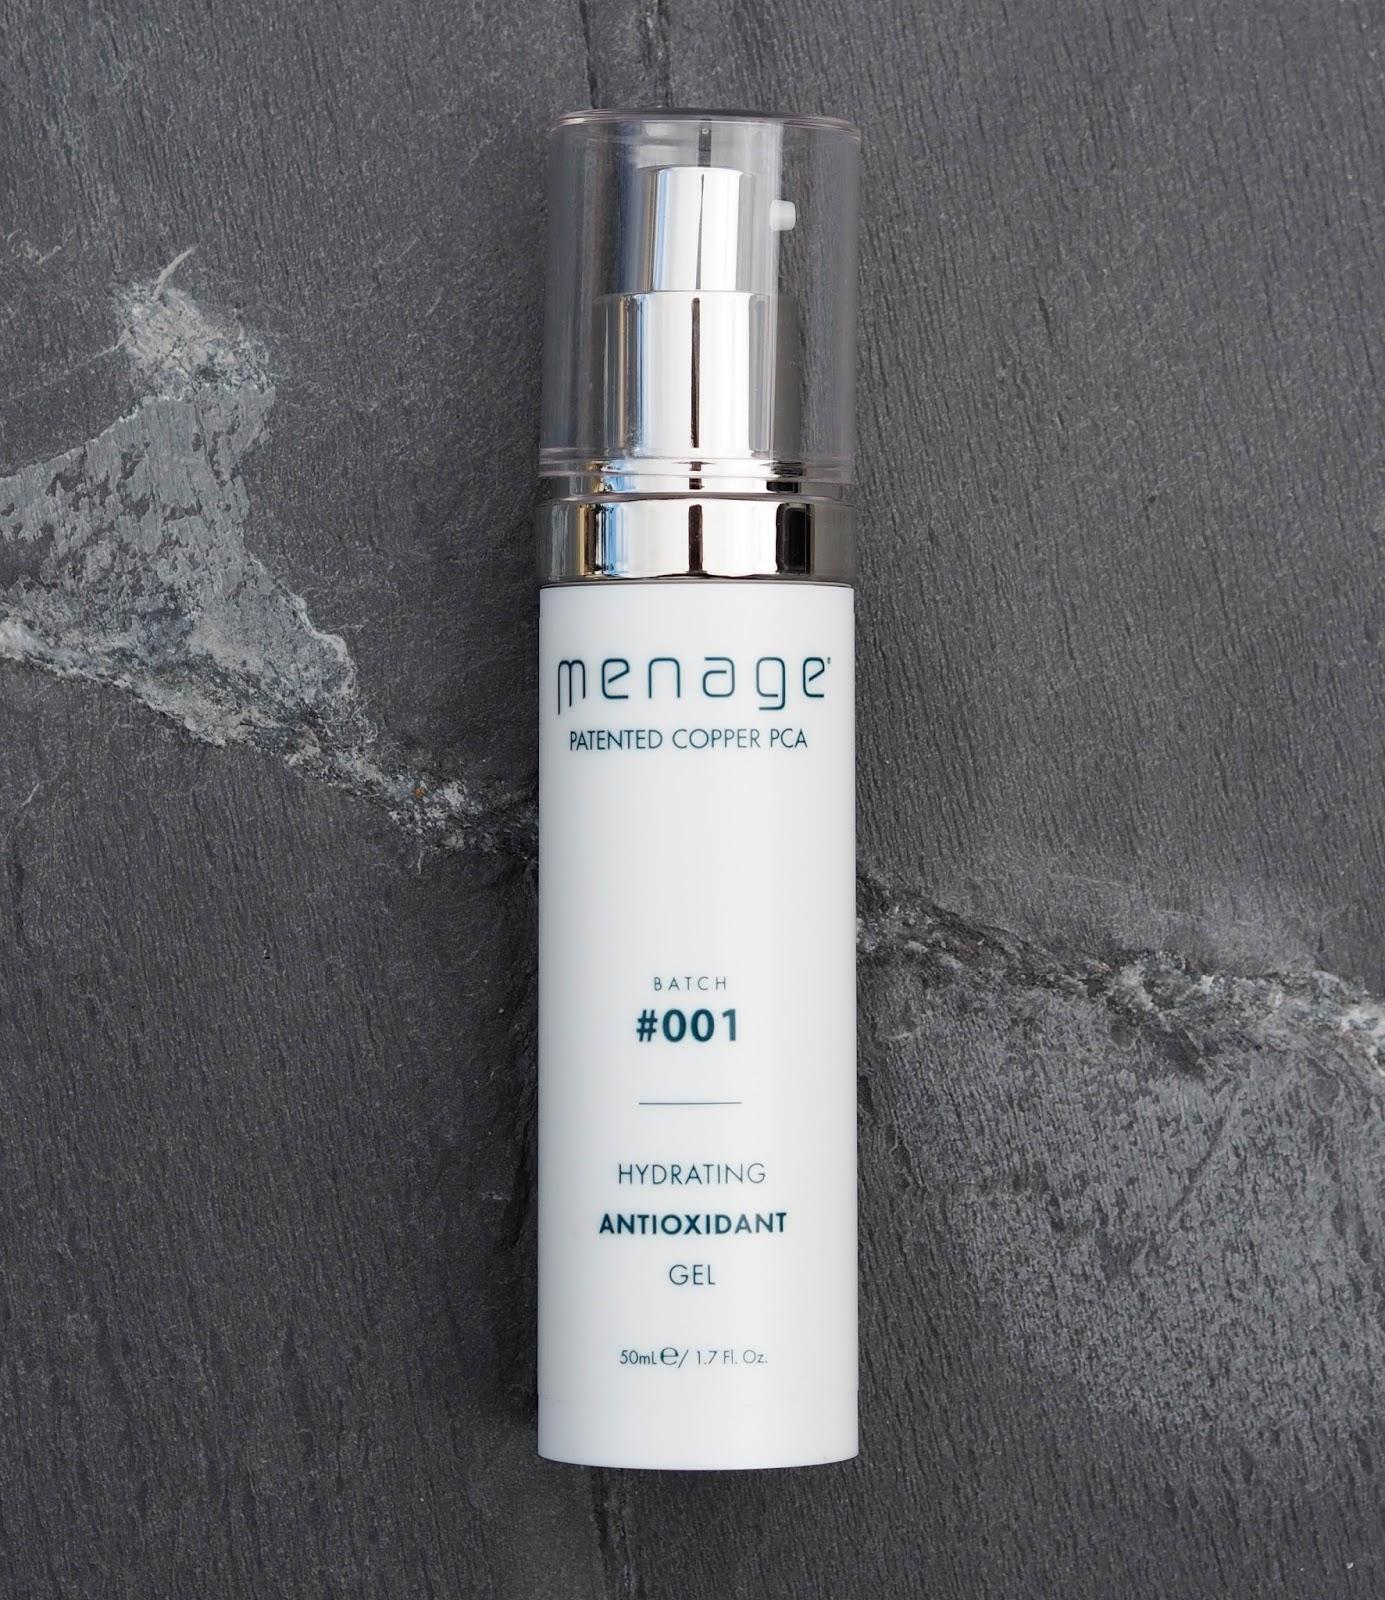 Menage Skincare